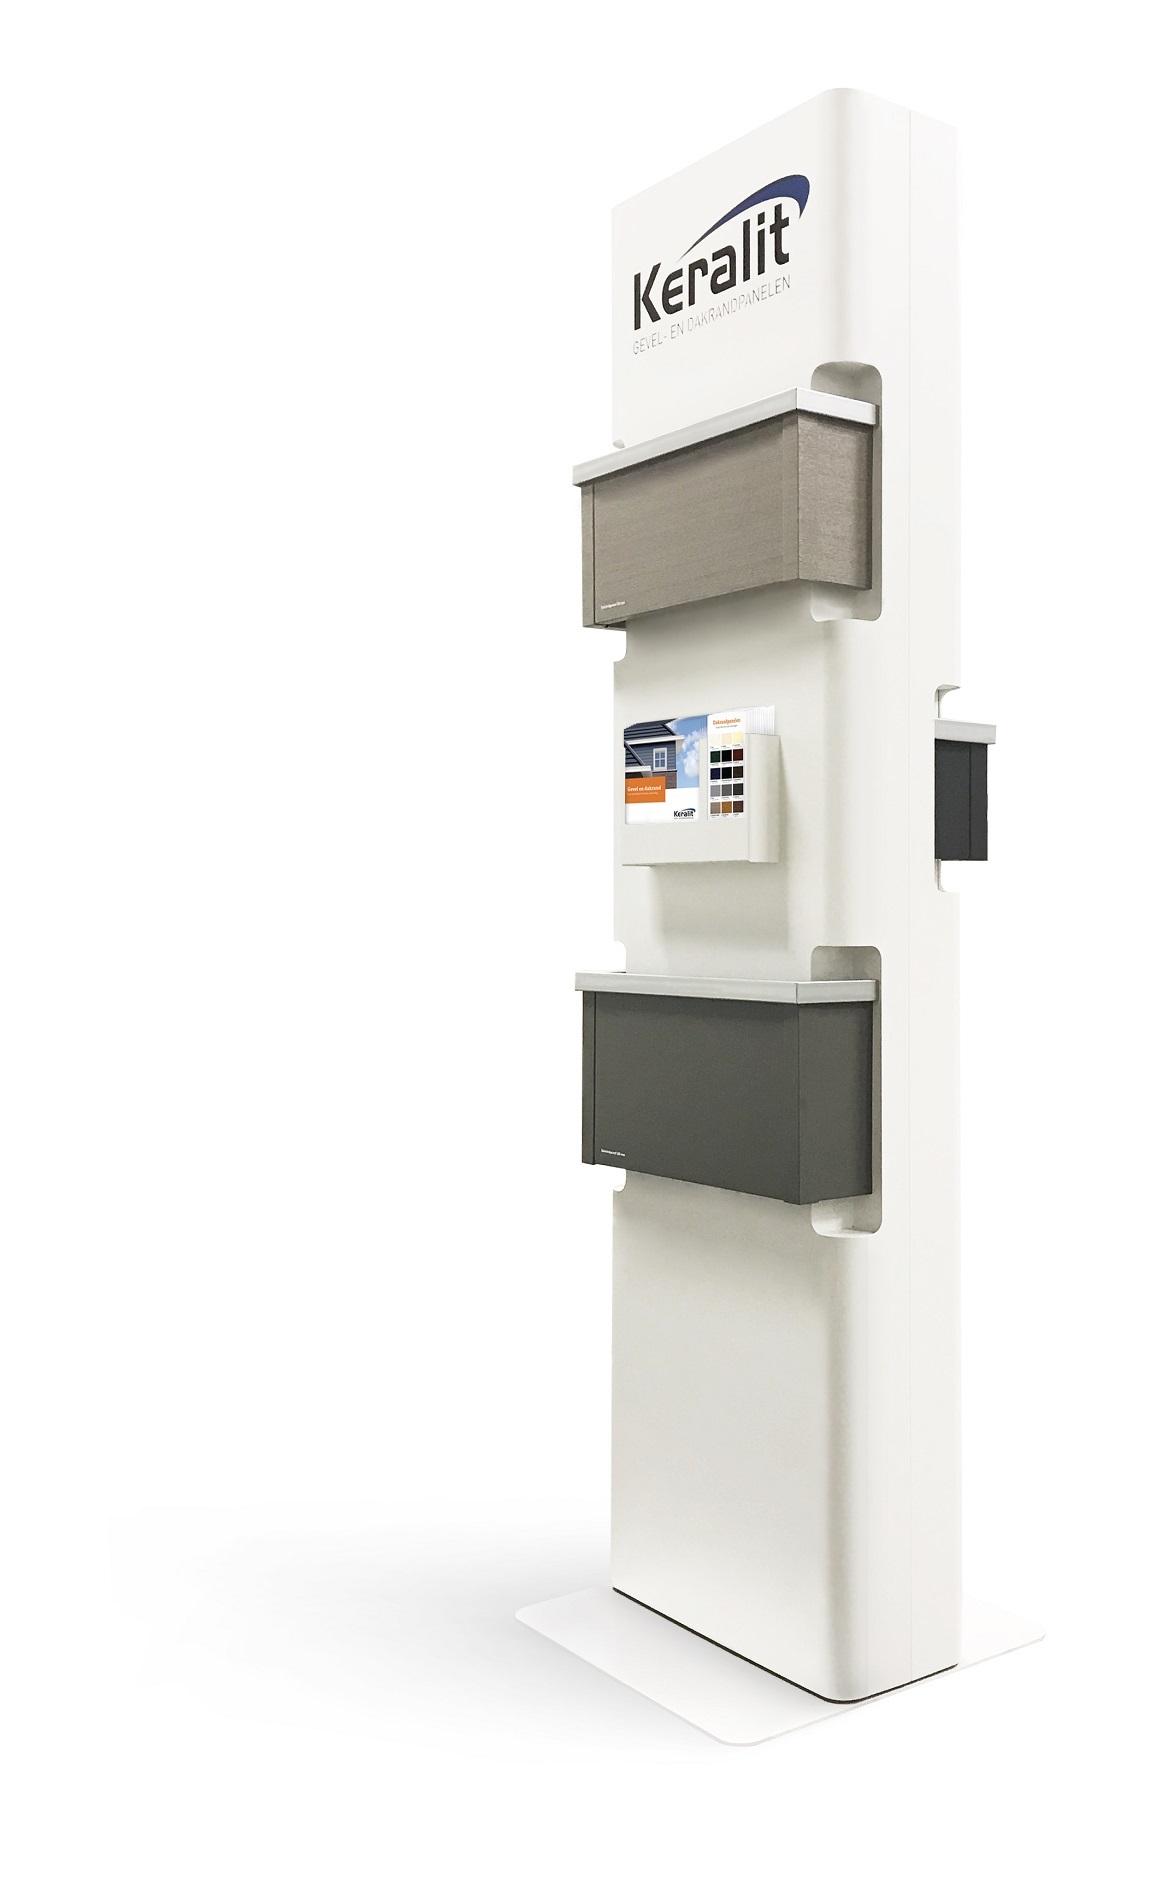 dakrand-display-Maarten-Olden-Keralit-II